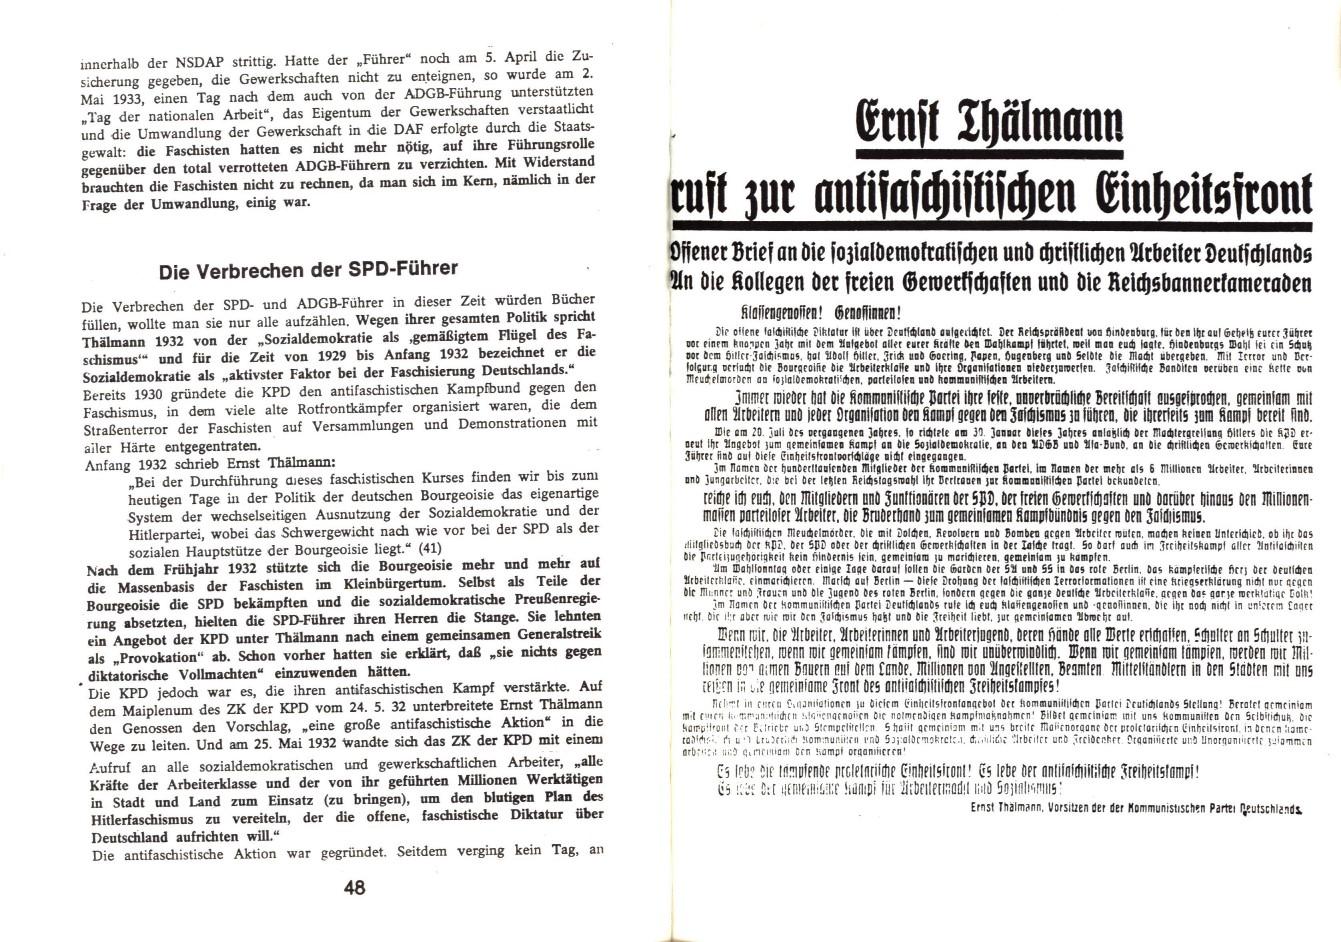 KPDAO_1974_Ernst_Thaelmann_26